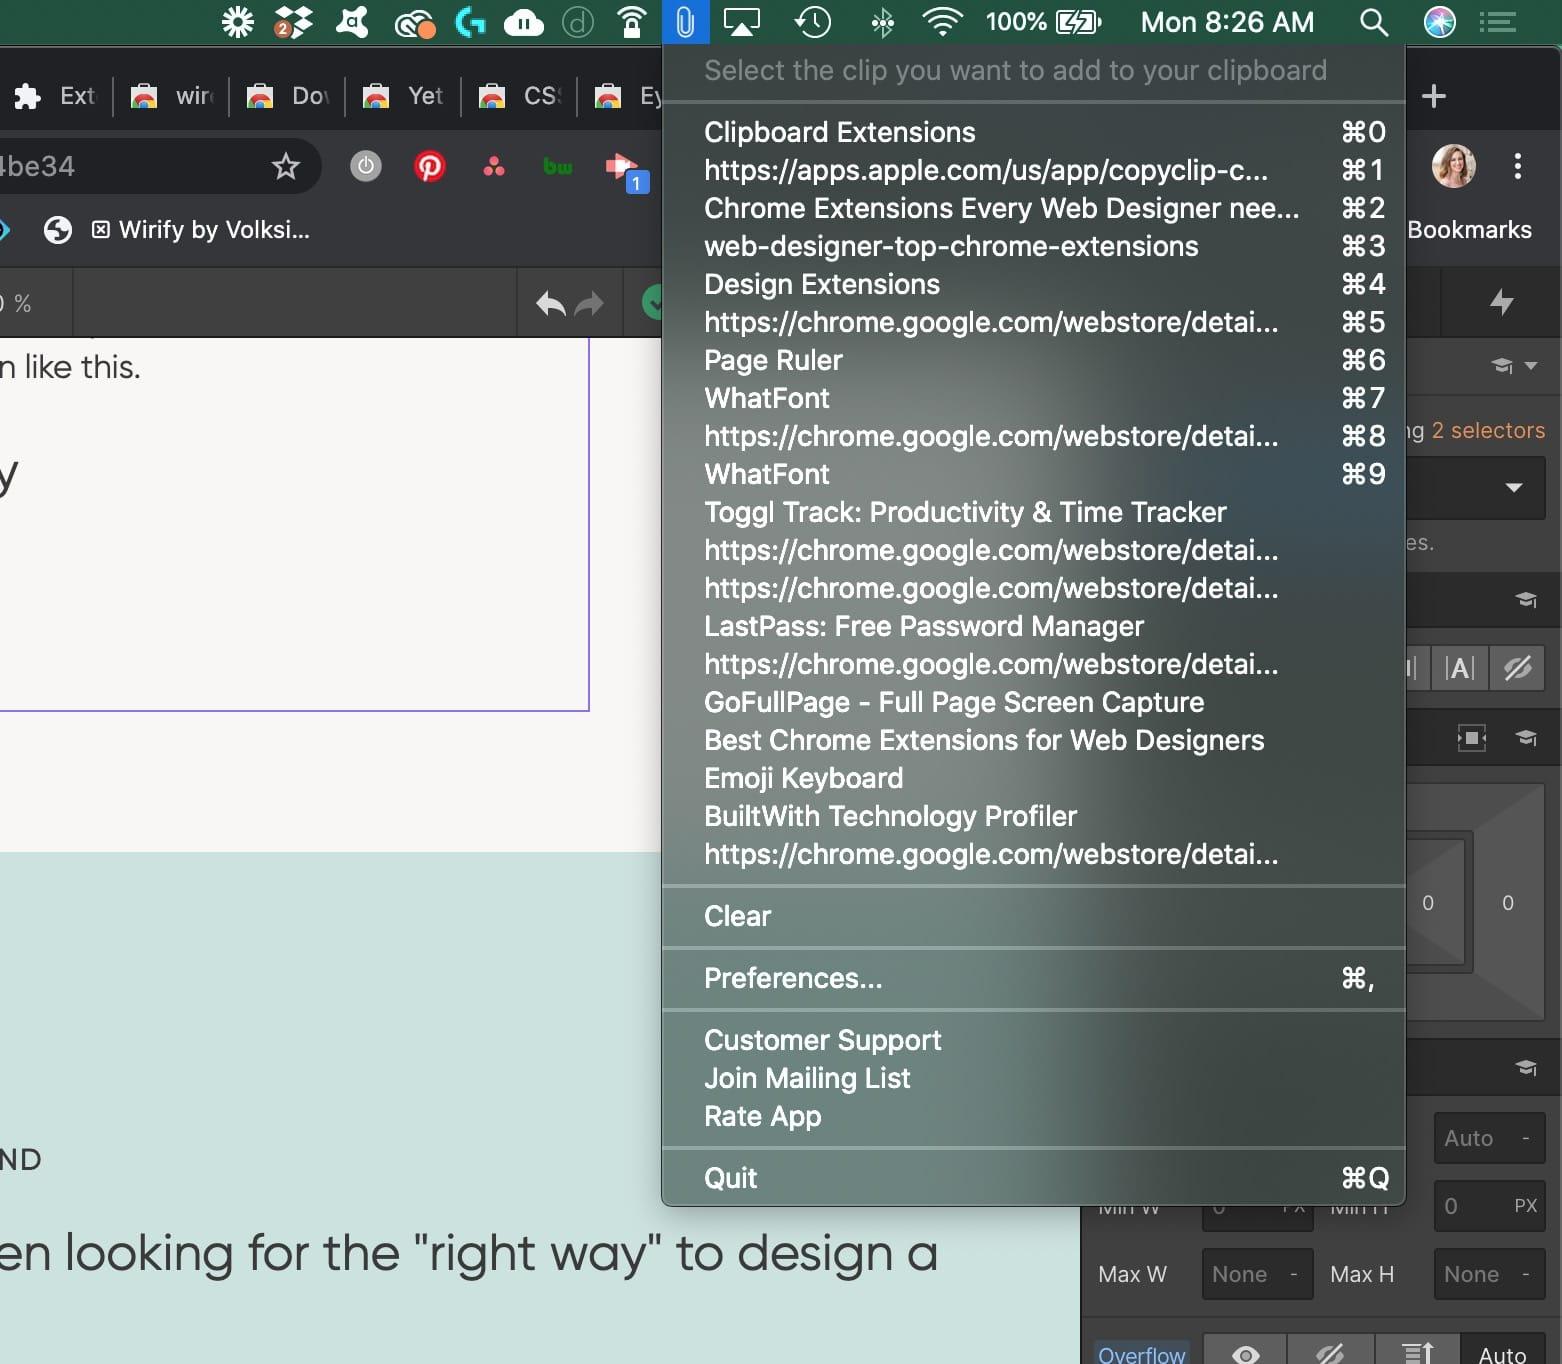 Best Chrome Extensions for Web Designers_copyclip.jpg